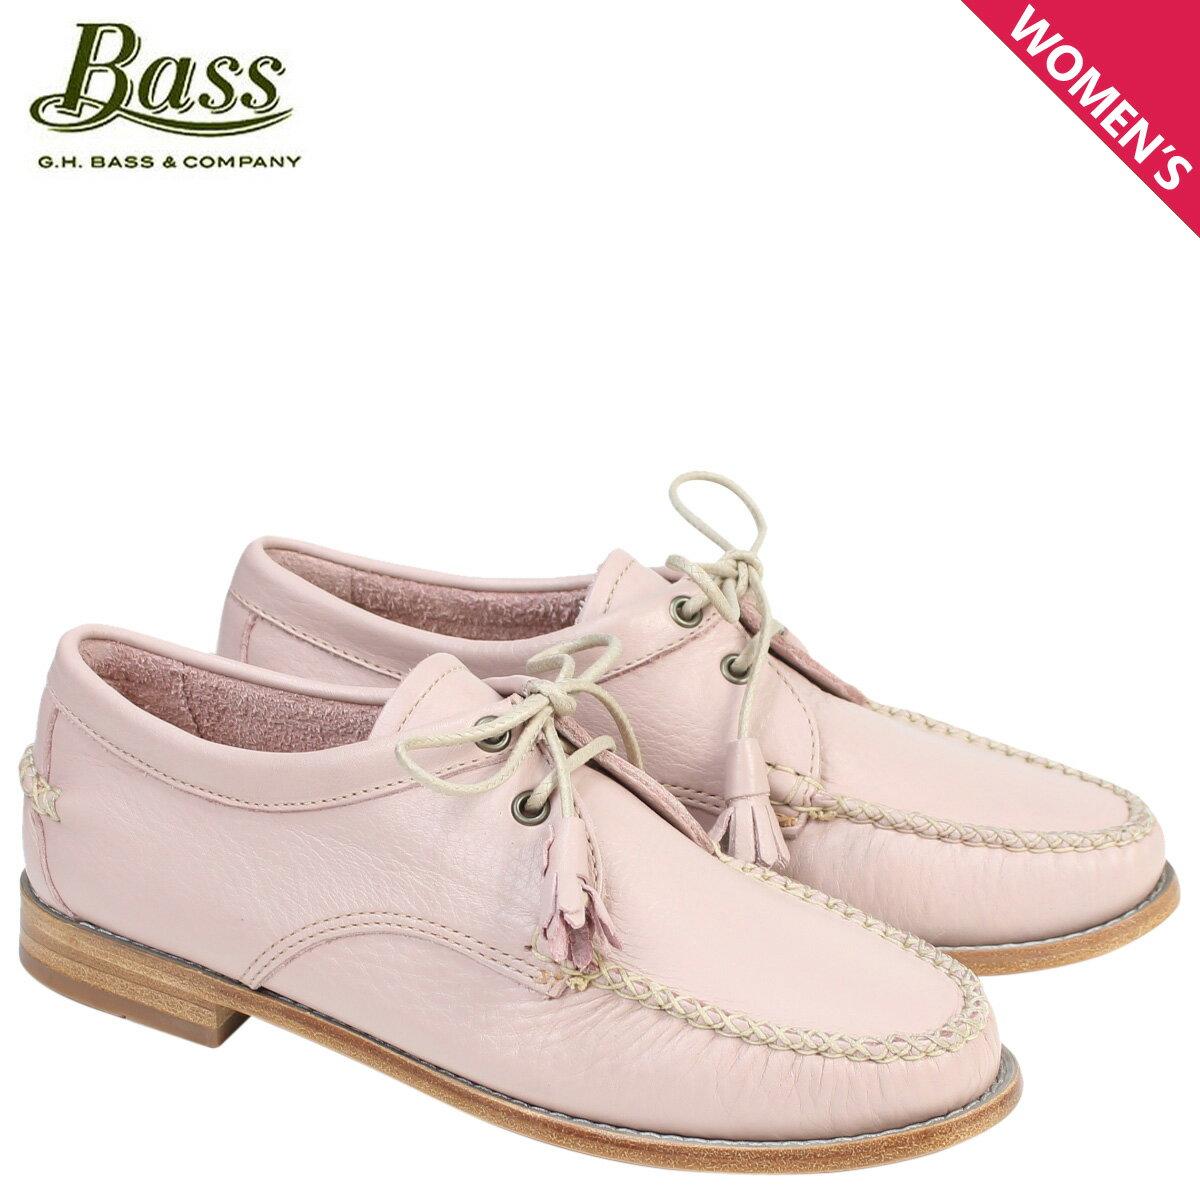 ジーエイチバス ローファー G.H. BASS レディース タッセル WINNIE TIE WEEJUNS 71-22871 靴 ピンク [177]